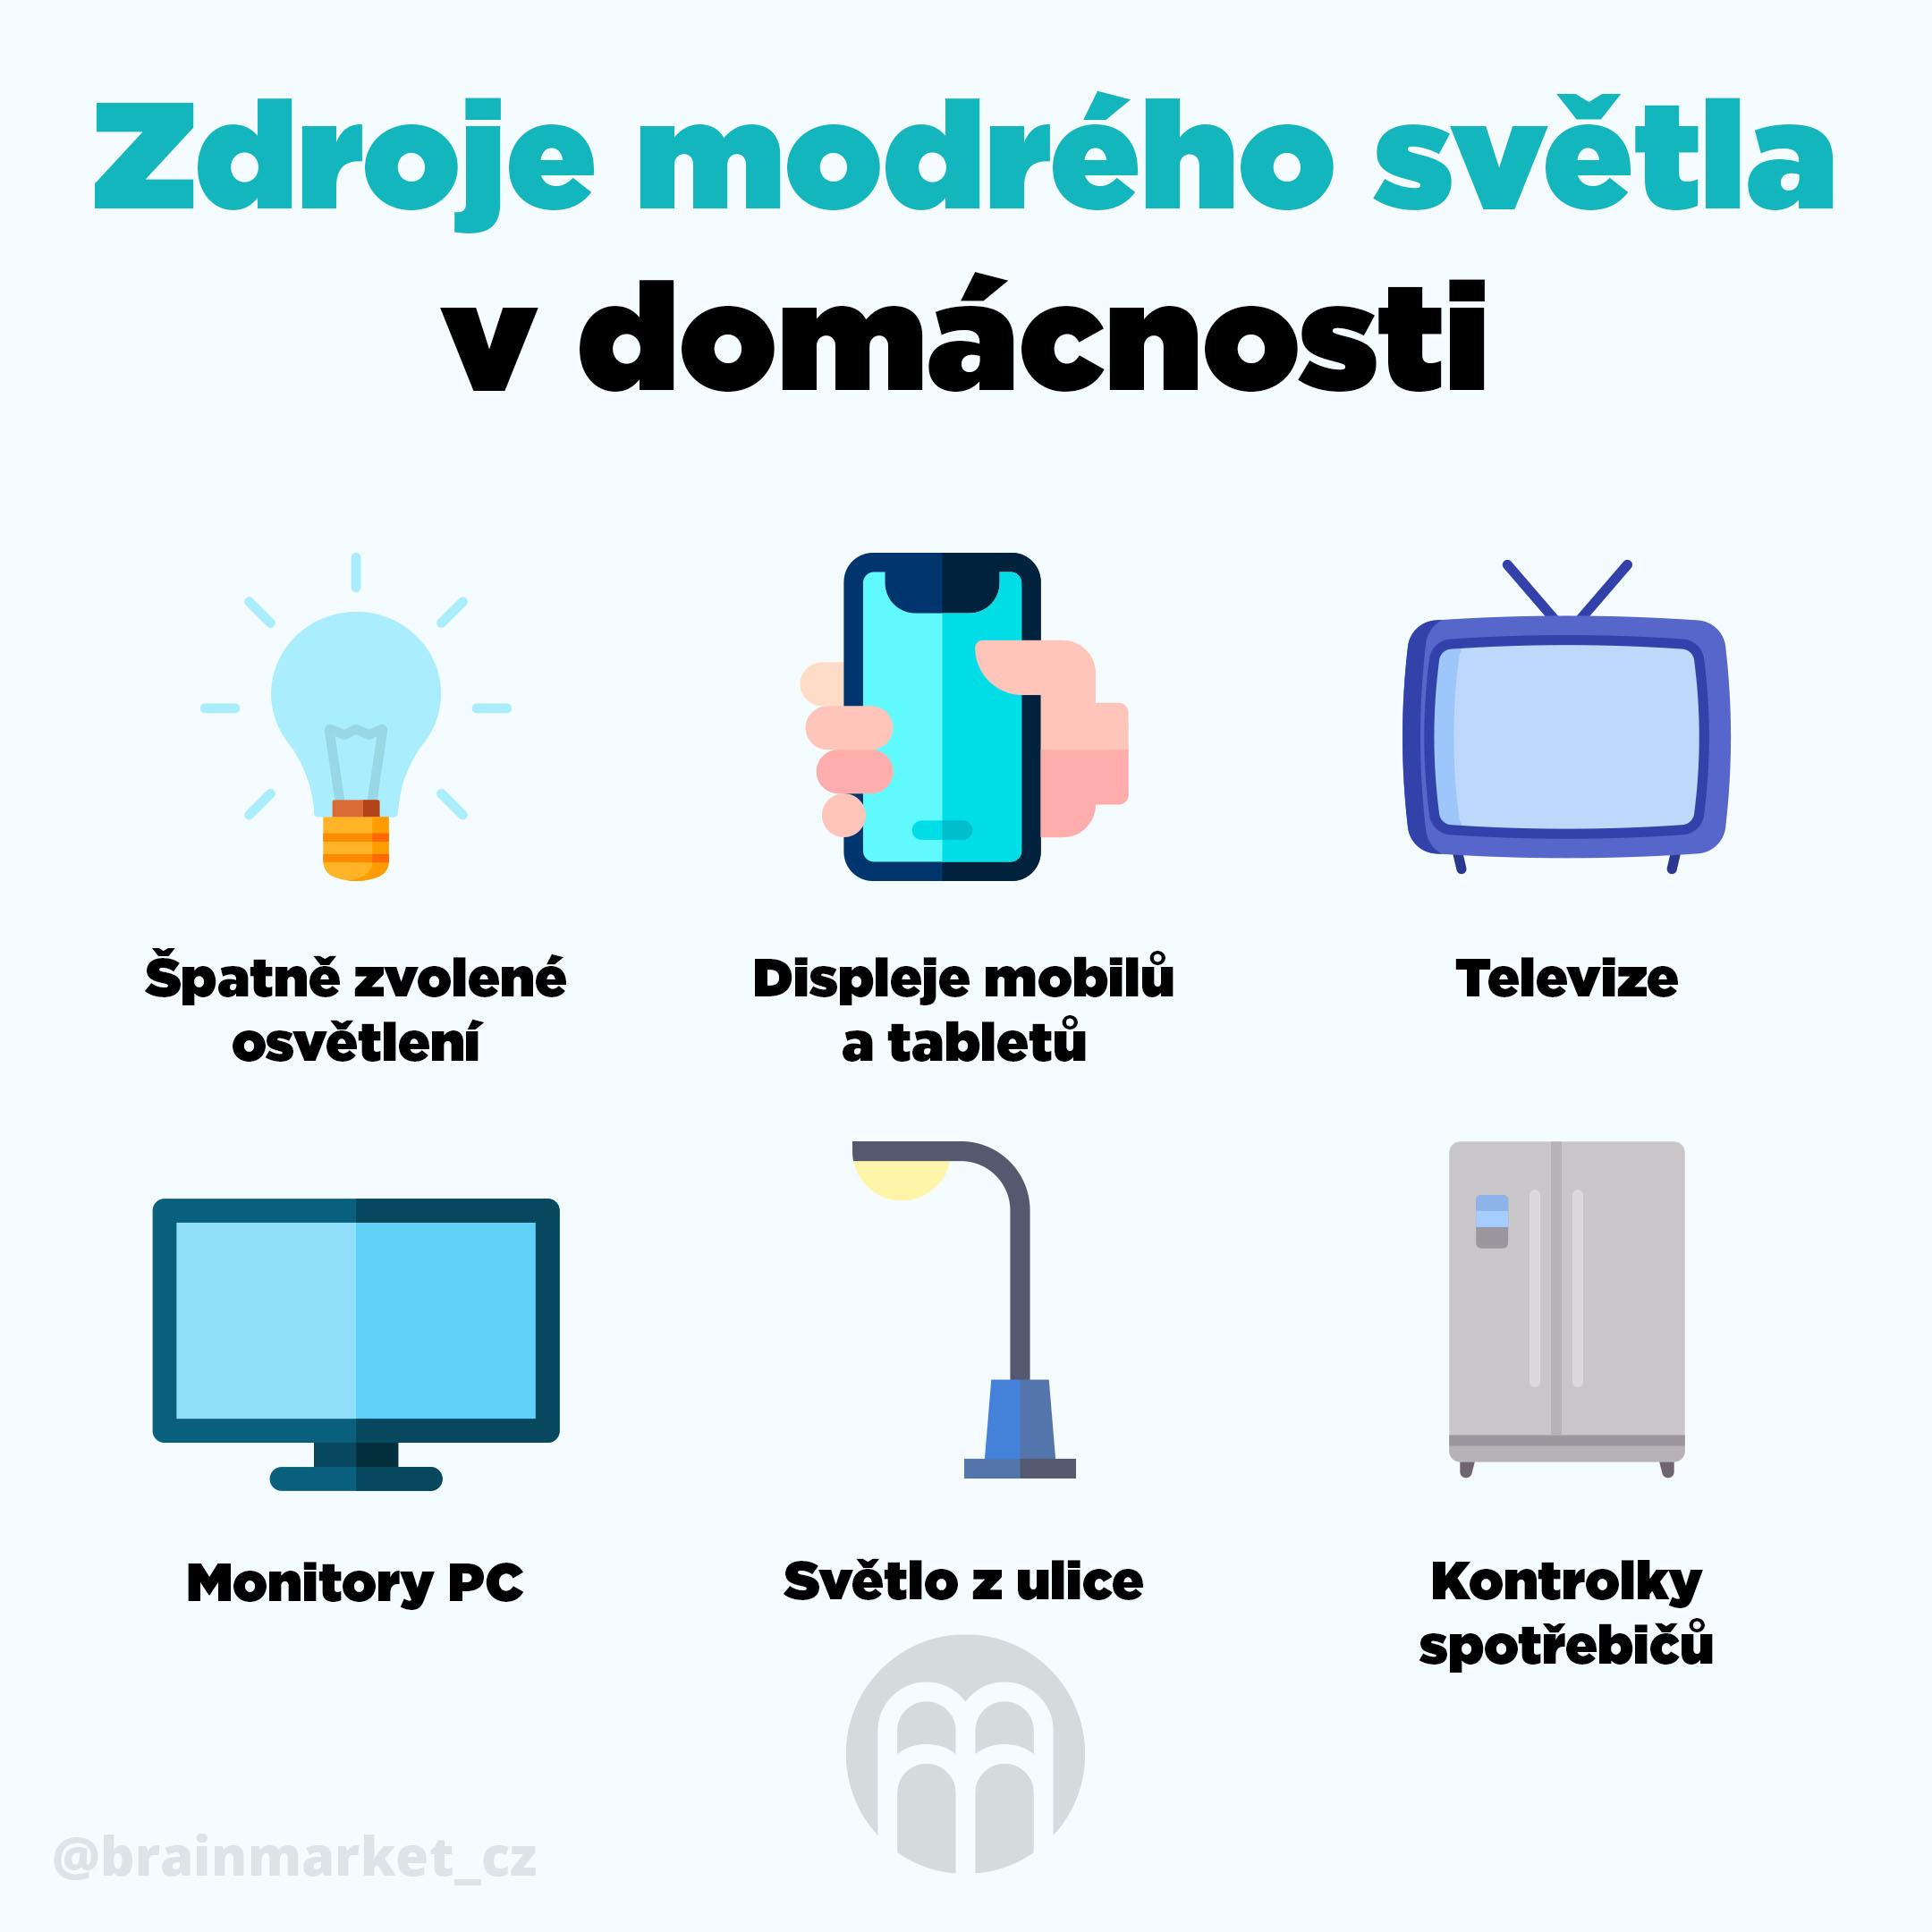 zdroje-modreho-svetla-v-domacnosti-infografika-brainmarket-cz_1